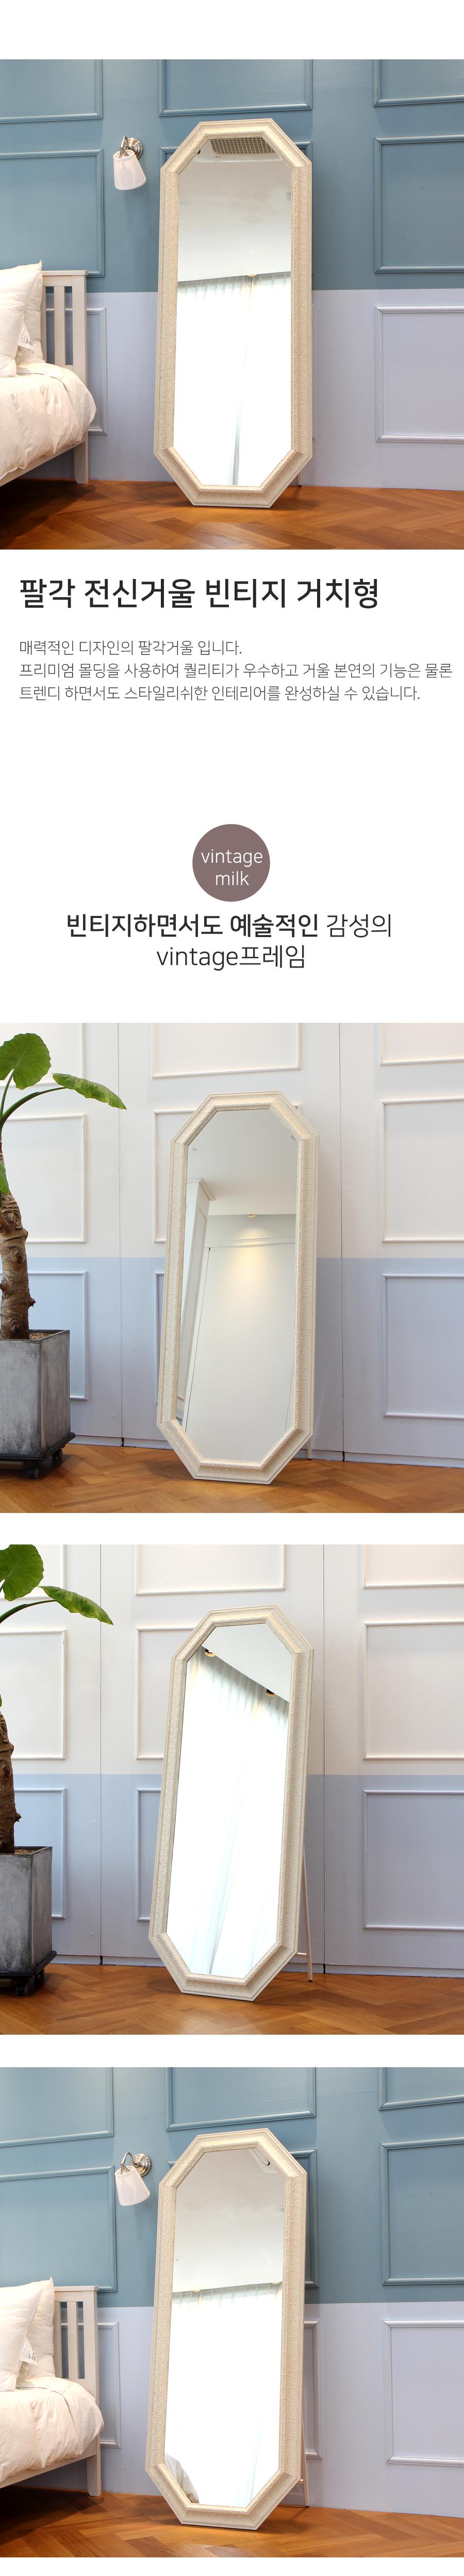 팔각 대형전신거울 빈티지 거치형 - 어썸프레임, 79,000원, 거울, 전신거울